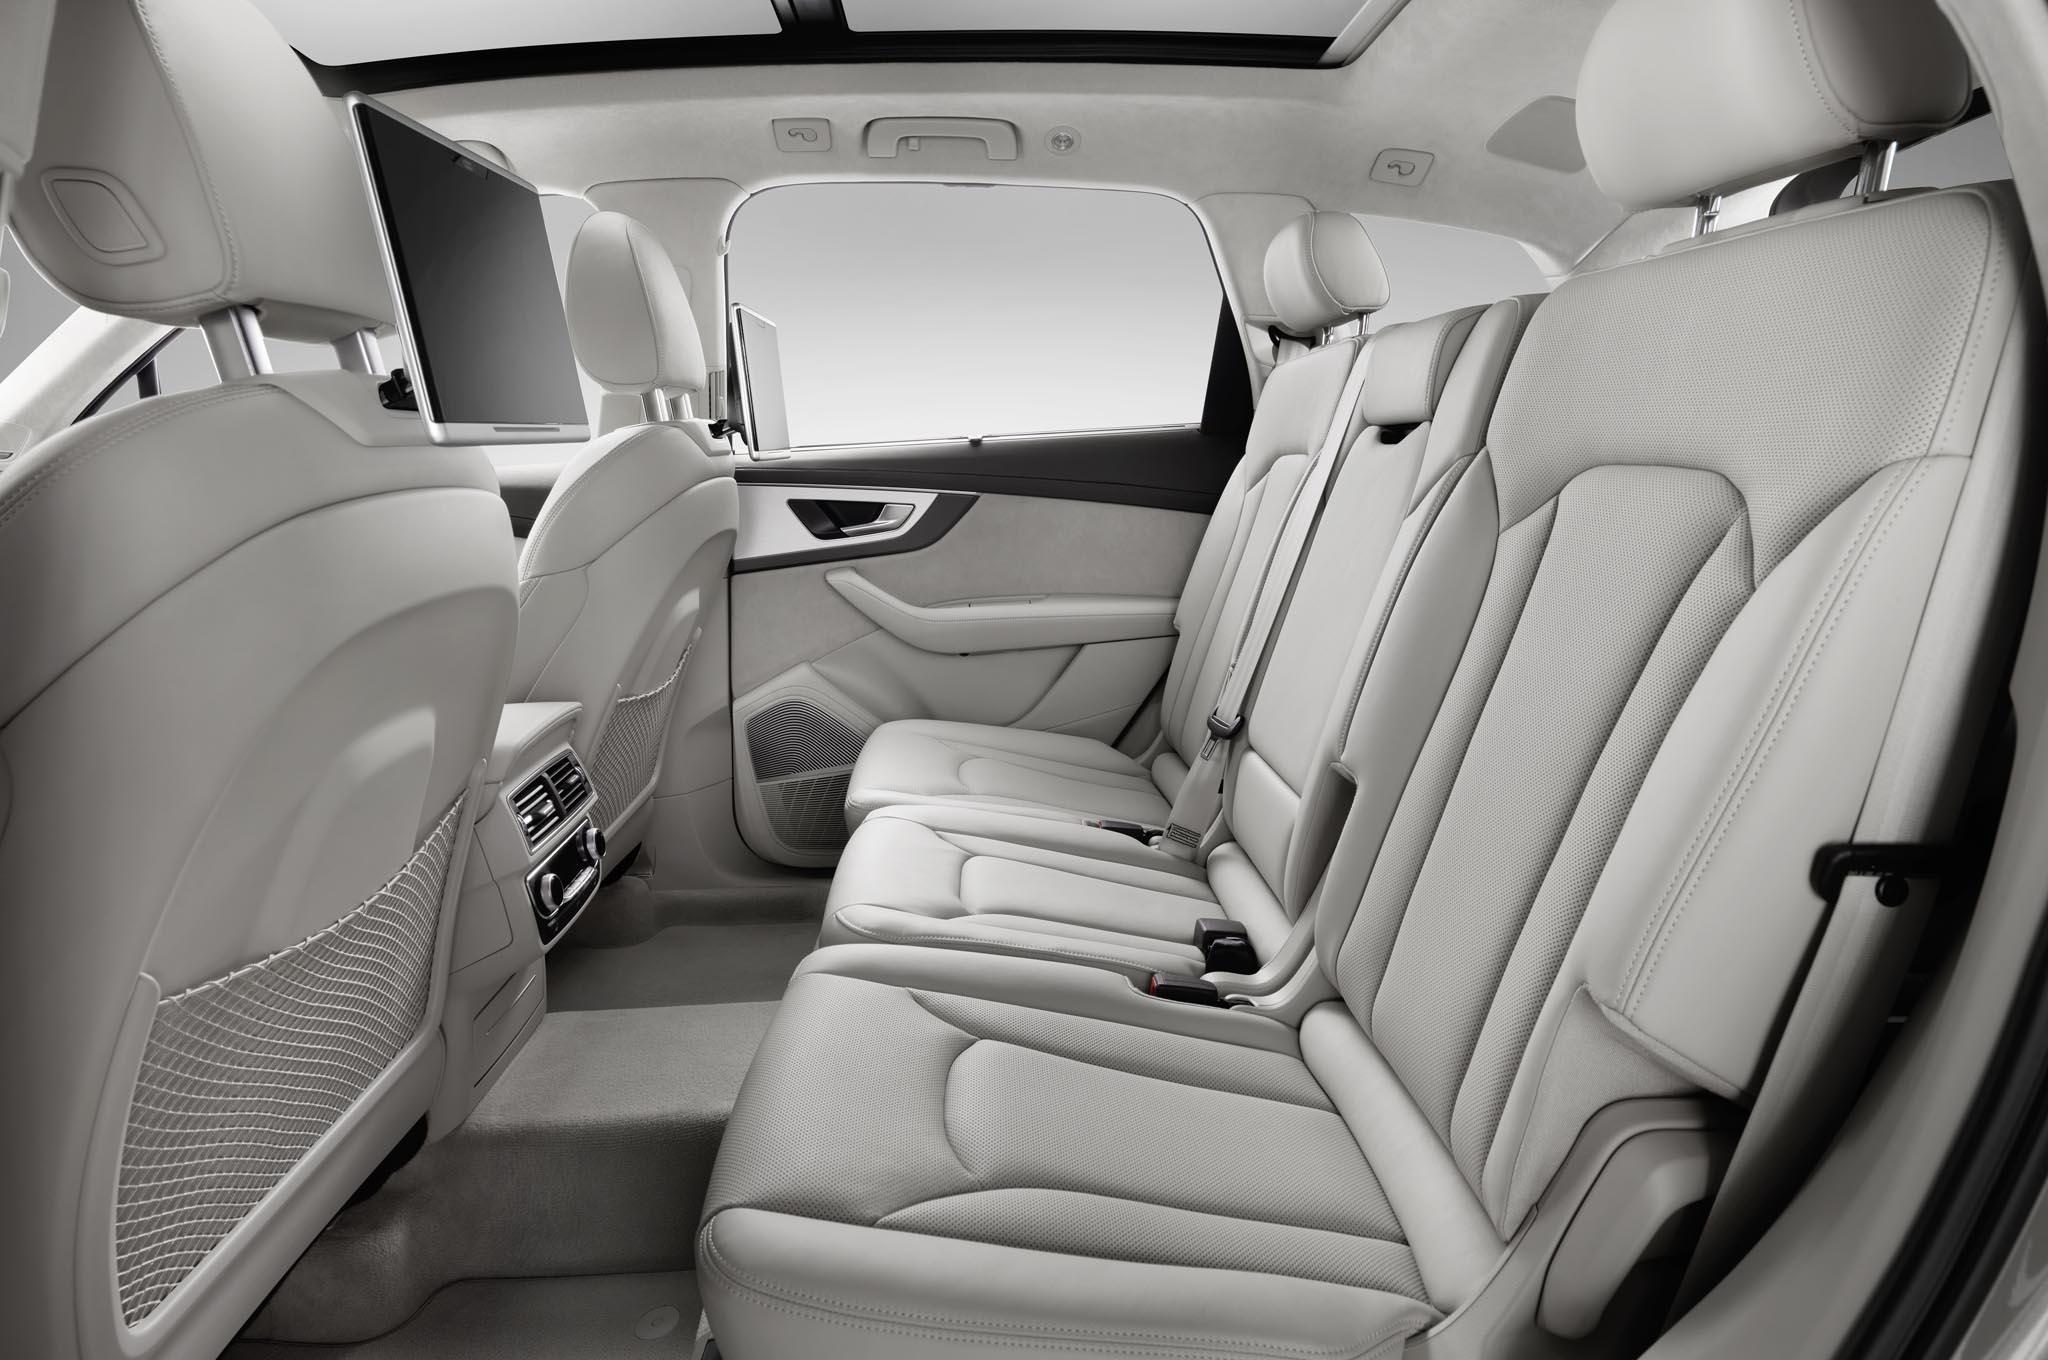 2016 Audi Q7 Rear Seats Interior